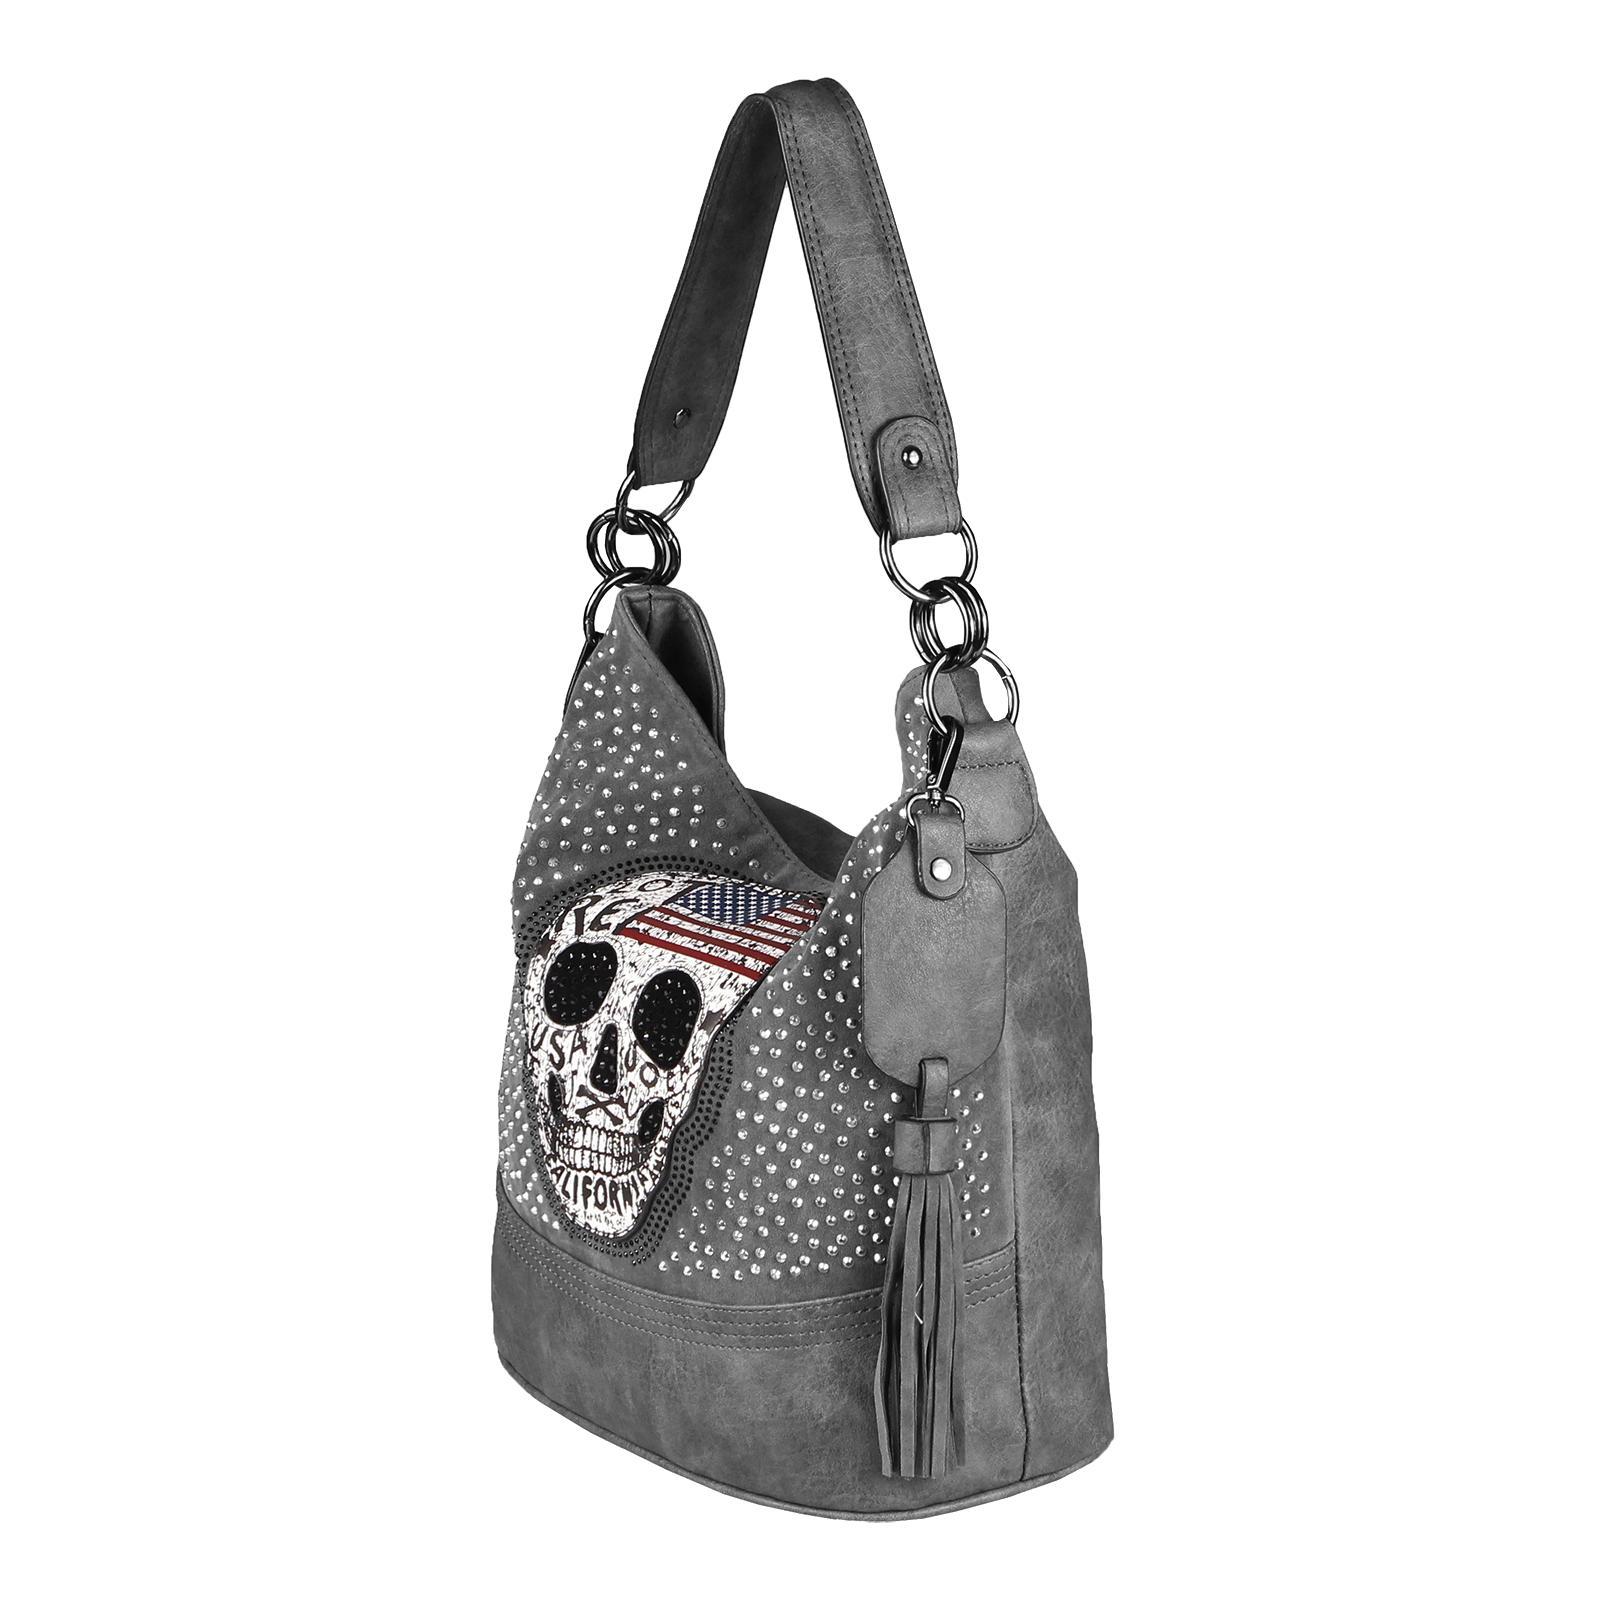 196c751df4600 TOTENKOPF DAMEN HAND-TASCHE Hobo BAG SKULL XL Shopper Leder Optik ...